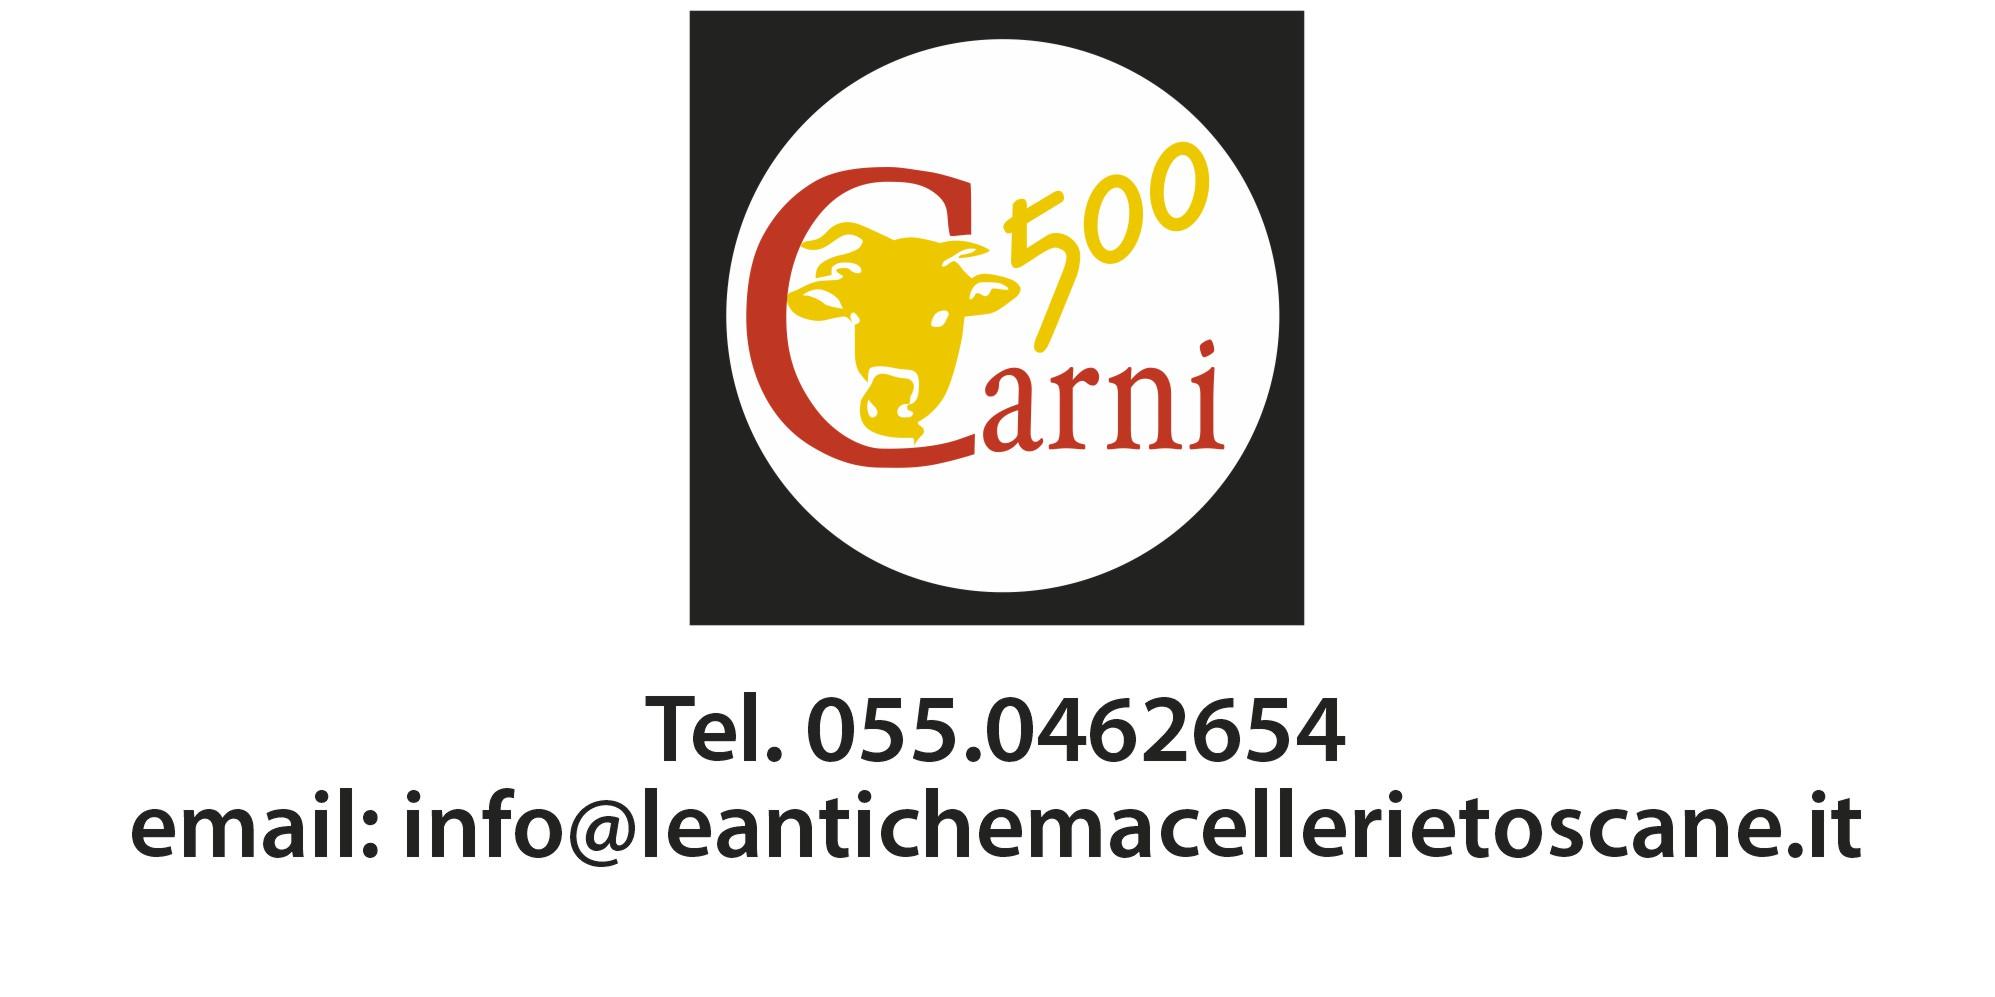 500 Carni